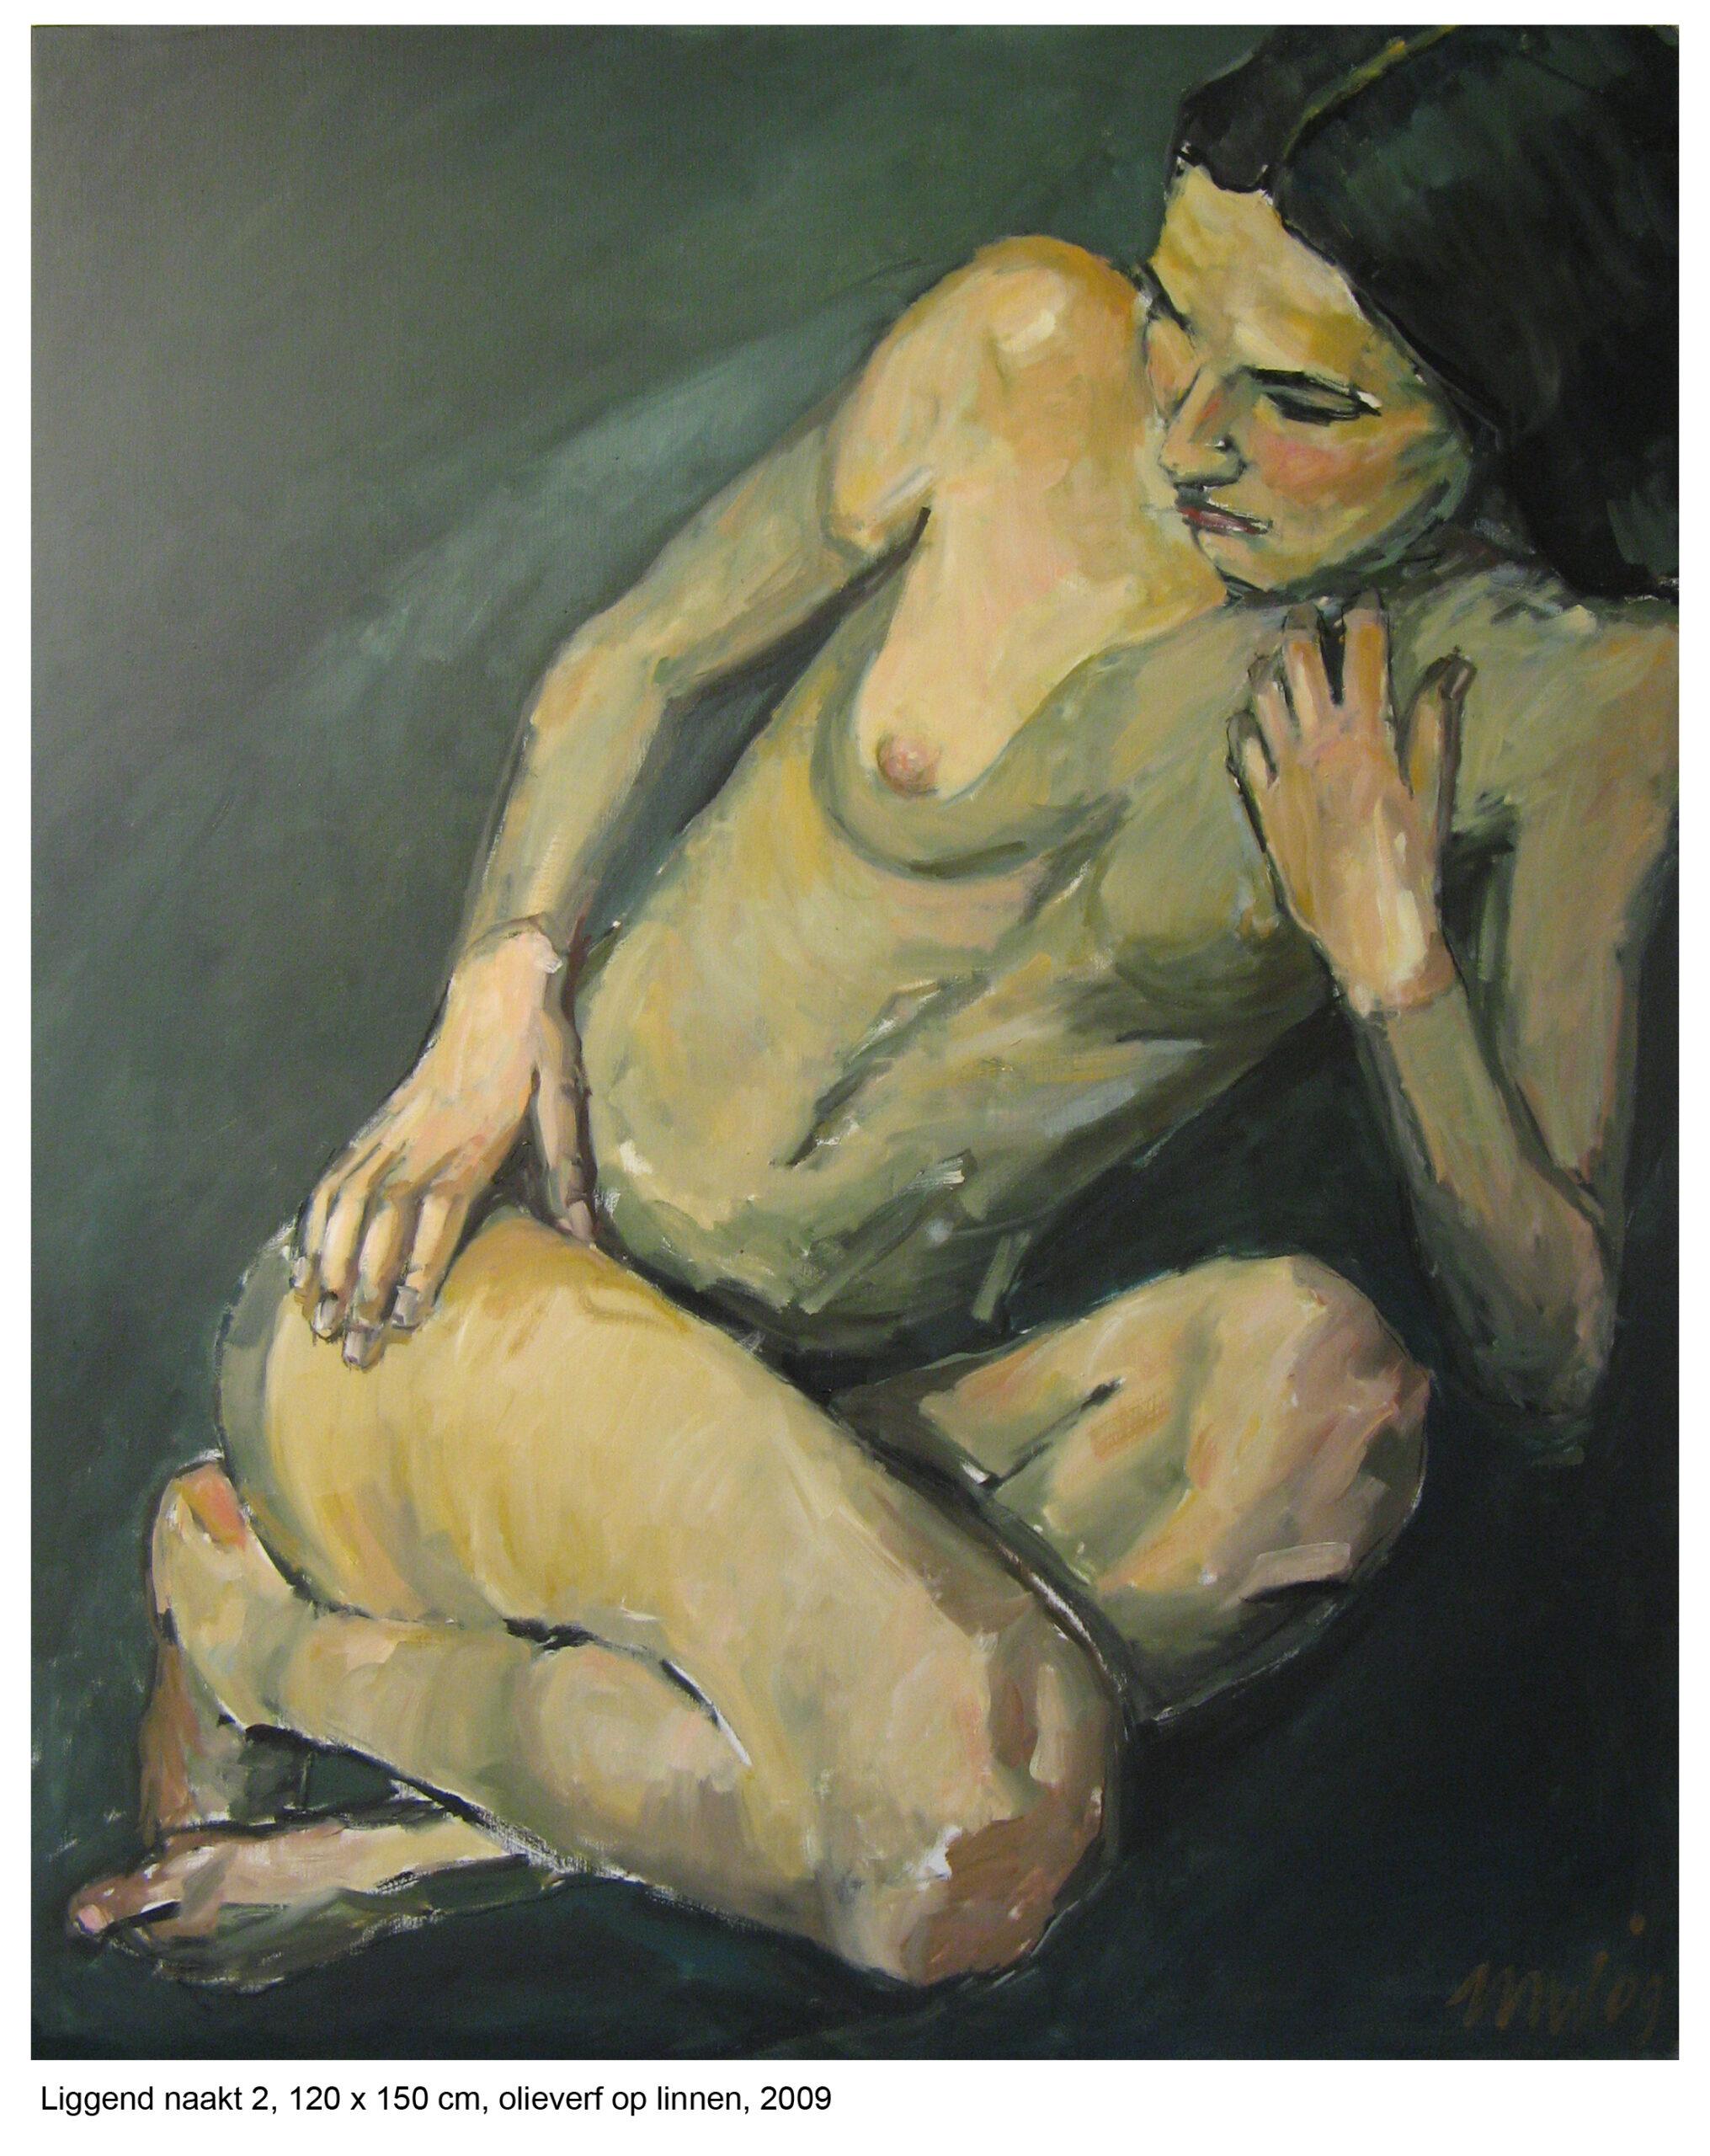 Private world, 120 x 150 cm, 2009